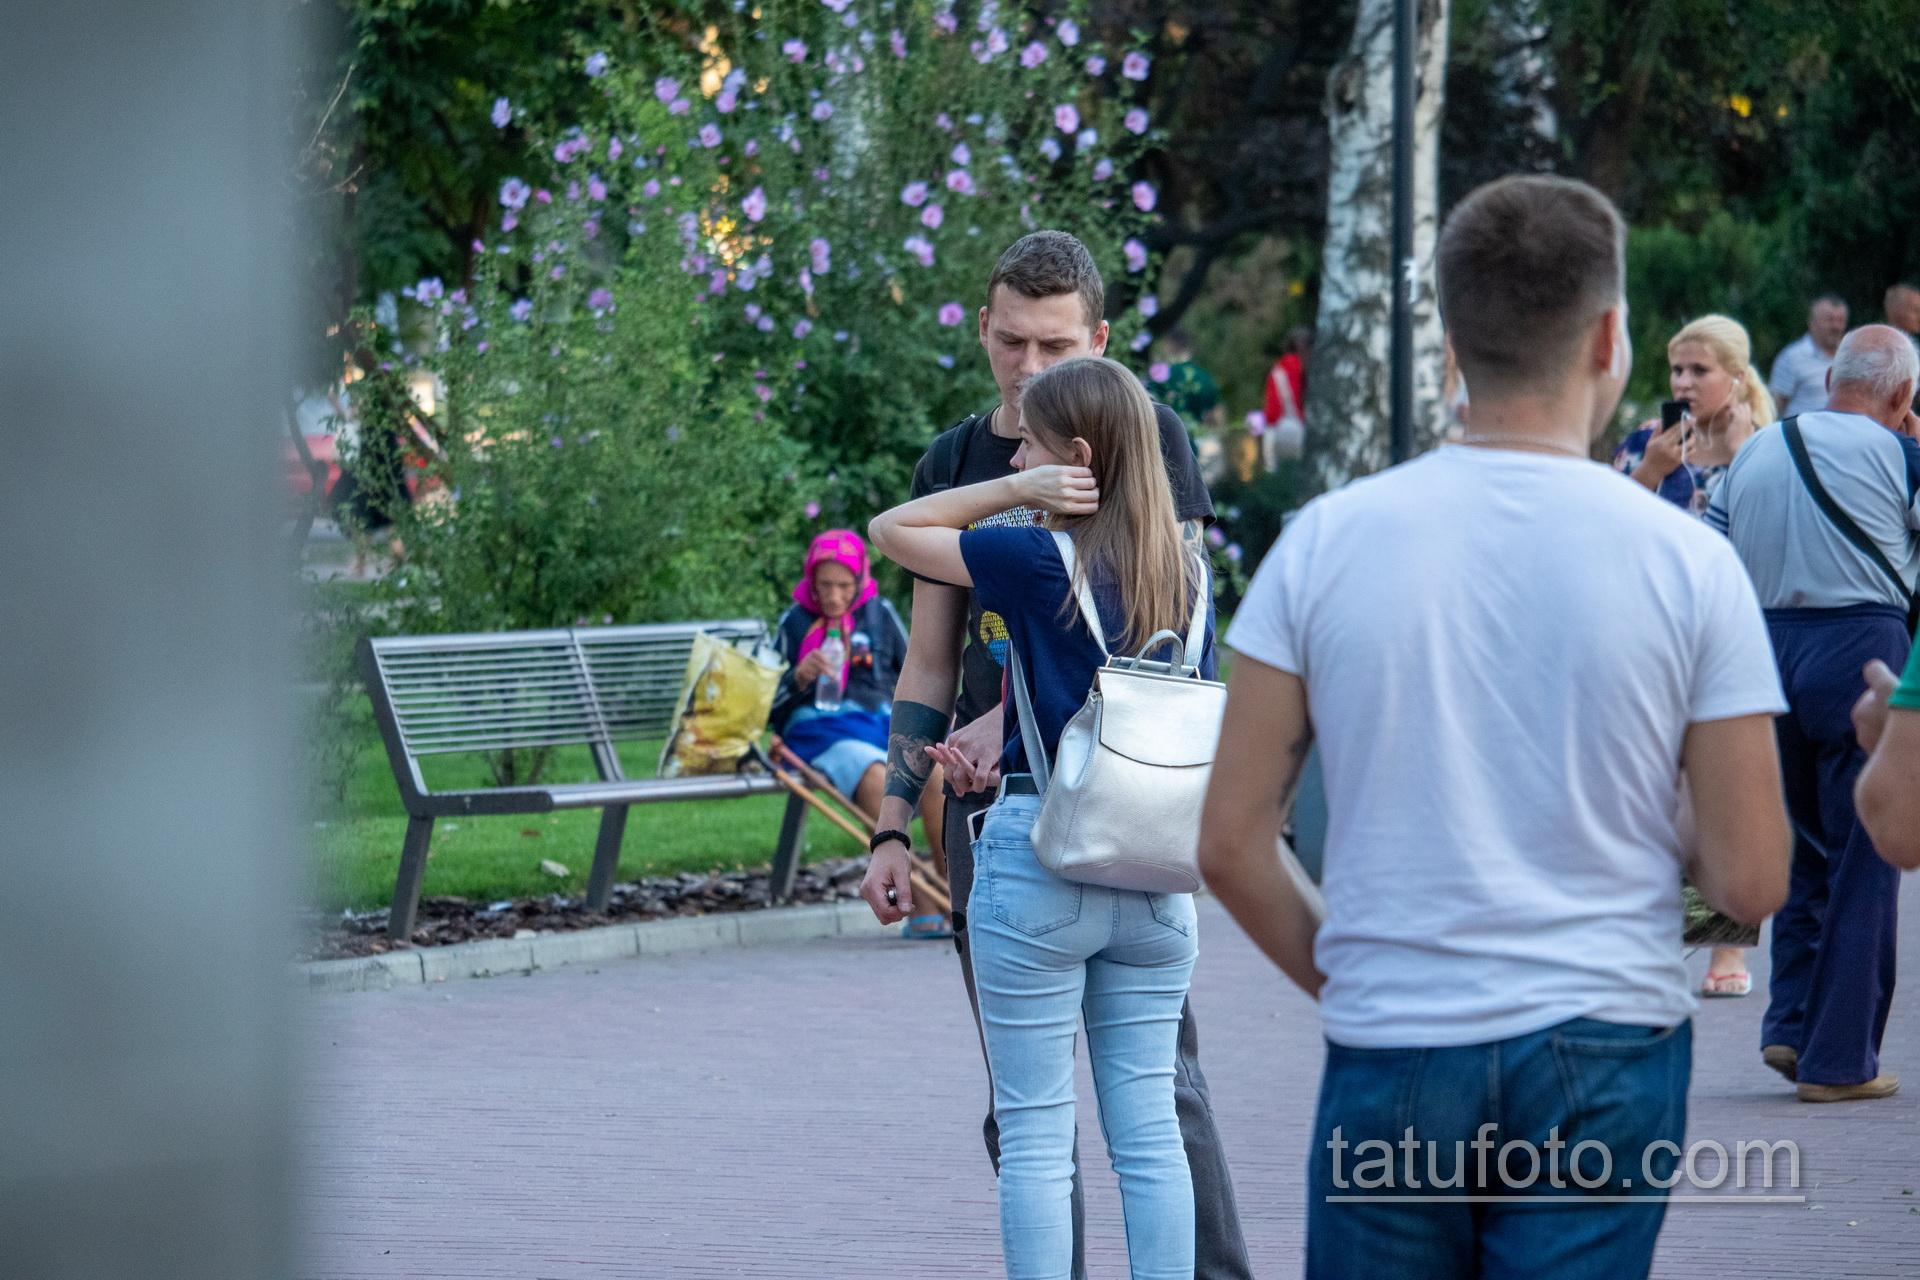 Тату с планетой и маори узоры на руках парня - Уличная татуировка 14.09.2020 – tatufoto.com 1